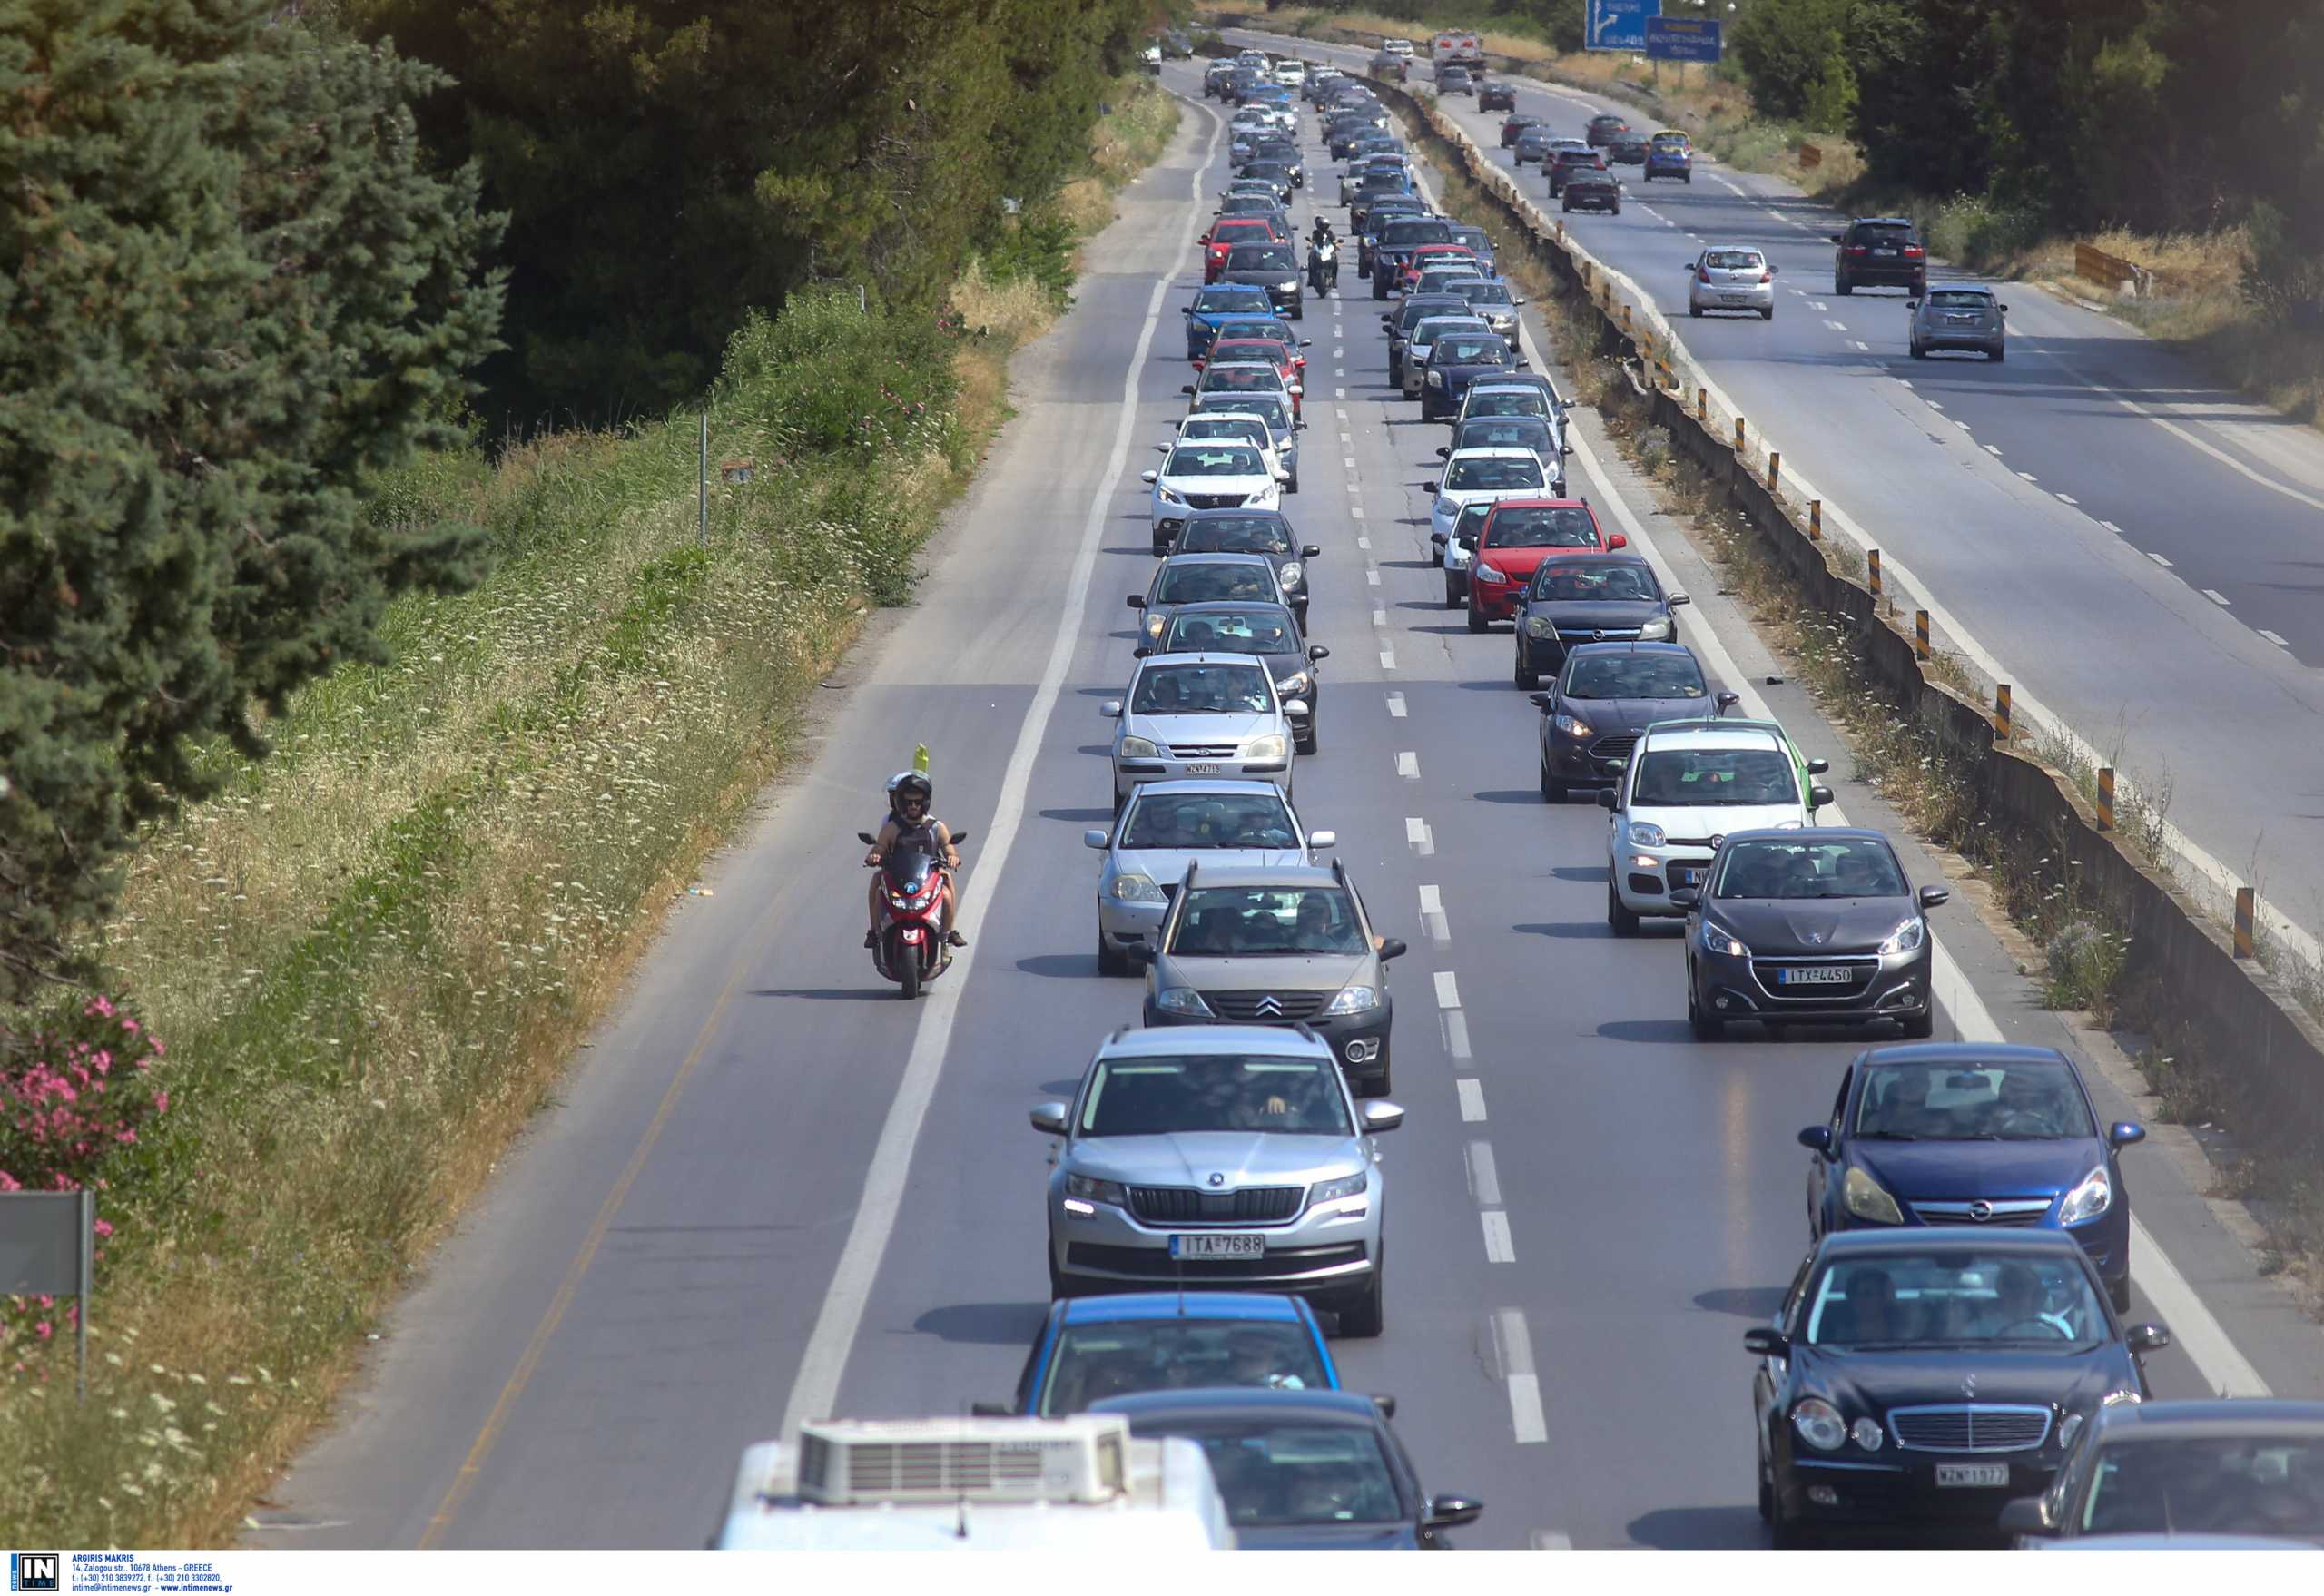 Χαλκιδική: Εικόνες από το μεγάλο κύμα της εξόδου – Μποτιλιάρισμα στην εθνική οδό